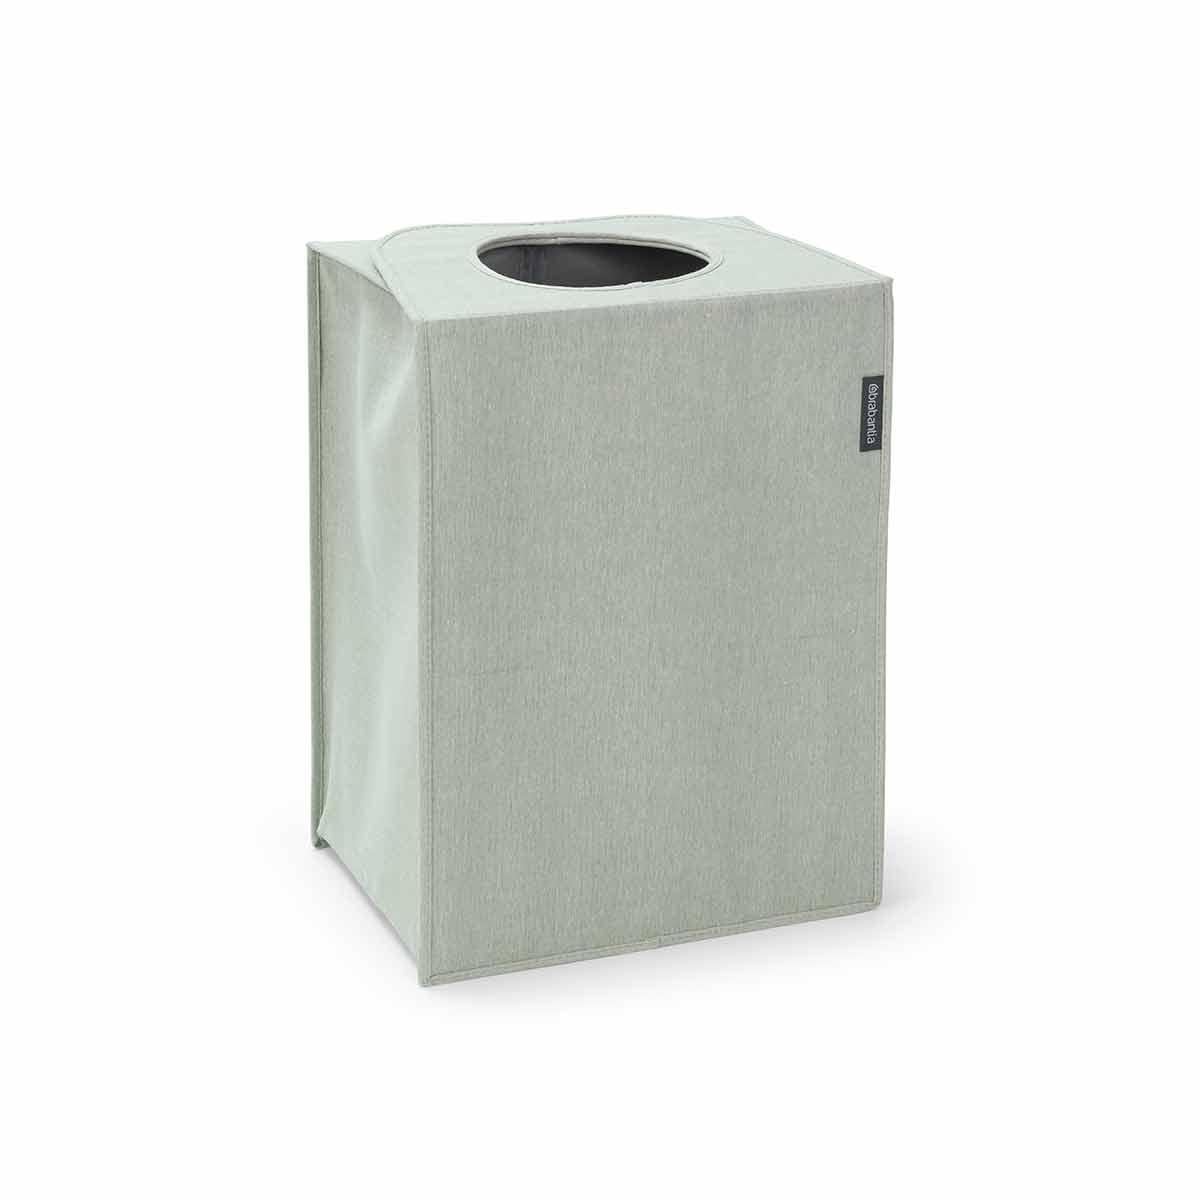 Brabantia Rectangular Laundry Bag 55 Litre, Light Green